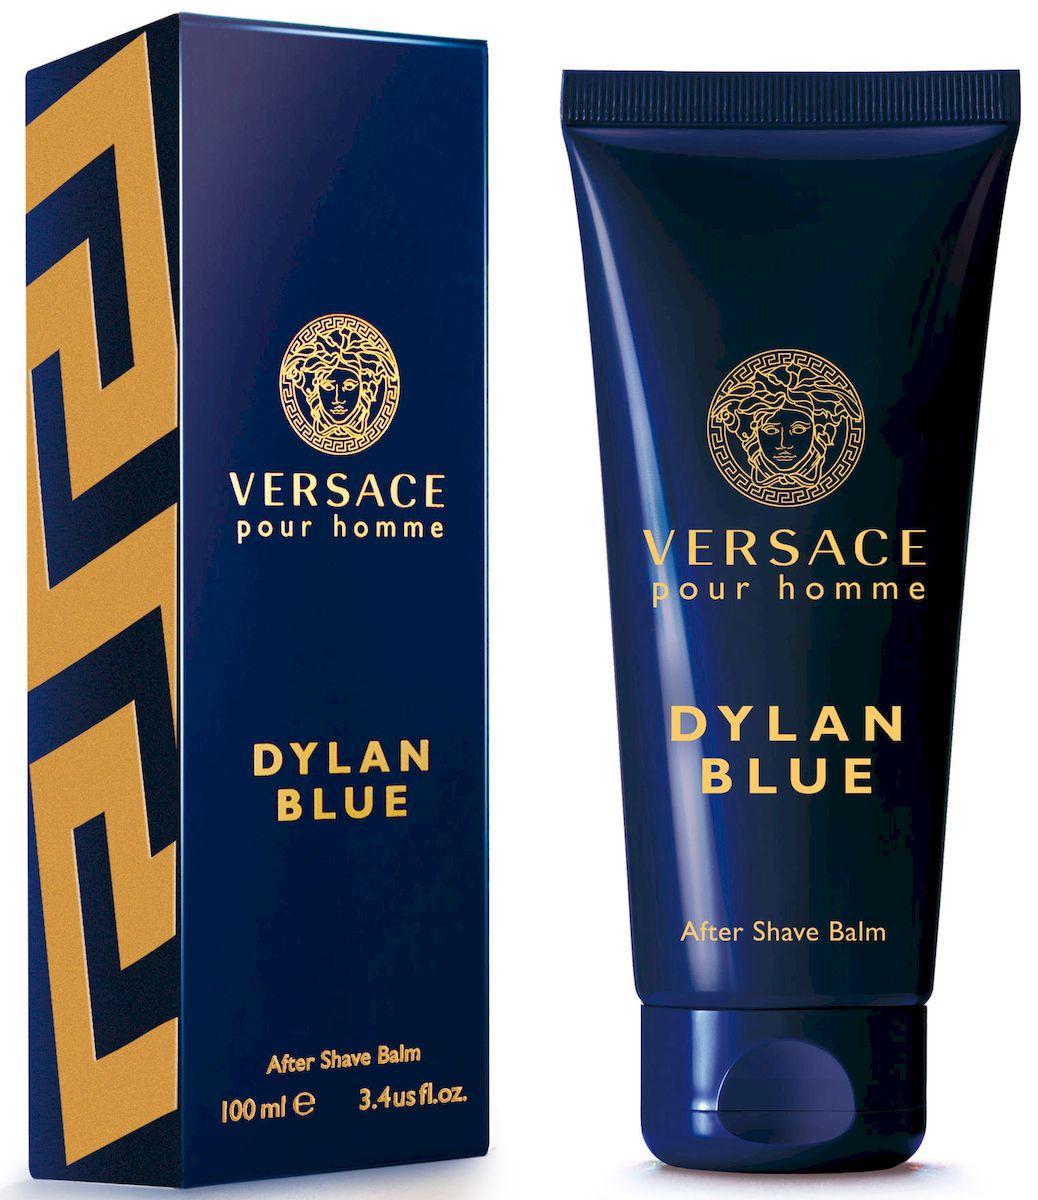 Versace Dylan Blue Бальзам после бритья 100 мл721016Dylan Blue - это воплощение современного мужчины Versace. Этот аромат с ярким индивидуальным характером пронизан мужественностью и харизмой. Уникальность этого фужерного аромата заключается в ярком древесном шлейфе - неповторимом сочетании природных компонентов и синтетических молекул последнего поколения. Верхняя нота: Калабрийский бергамот, Грейпфрут, Листья фигового дерева, Акватические ноты* (*фантазийный аккорд морской свежести). Средняя нота: Листья фиалки, Черный перец, Киприол, Амброксан, Пачули BIO. Шлейф: Минеральный мускус, Бобы тонка, Шафран, Ладан. Древесный ароматический фужерный. Dylan Blue - это воплощение современного мужчины Versace. Этот аромат с ярким индивидуальным характером пронизан мужественностью и харизмой.